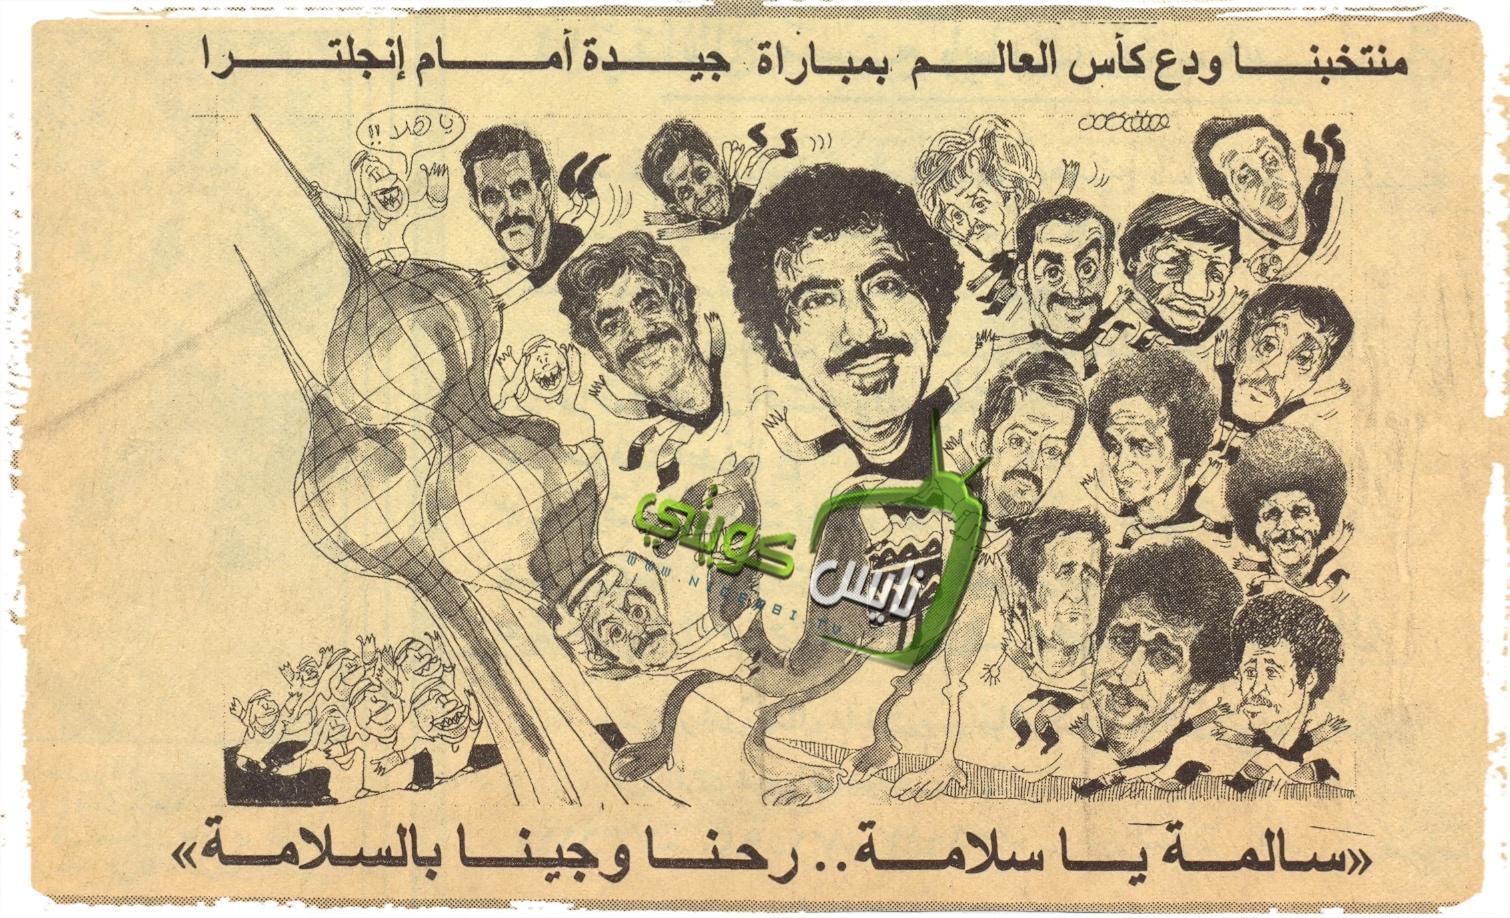 كاريكاتير رياضي - منتخب الكويت ١٩٨٢